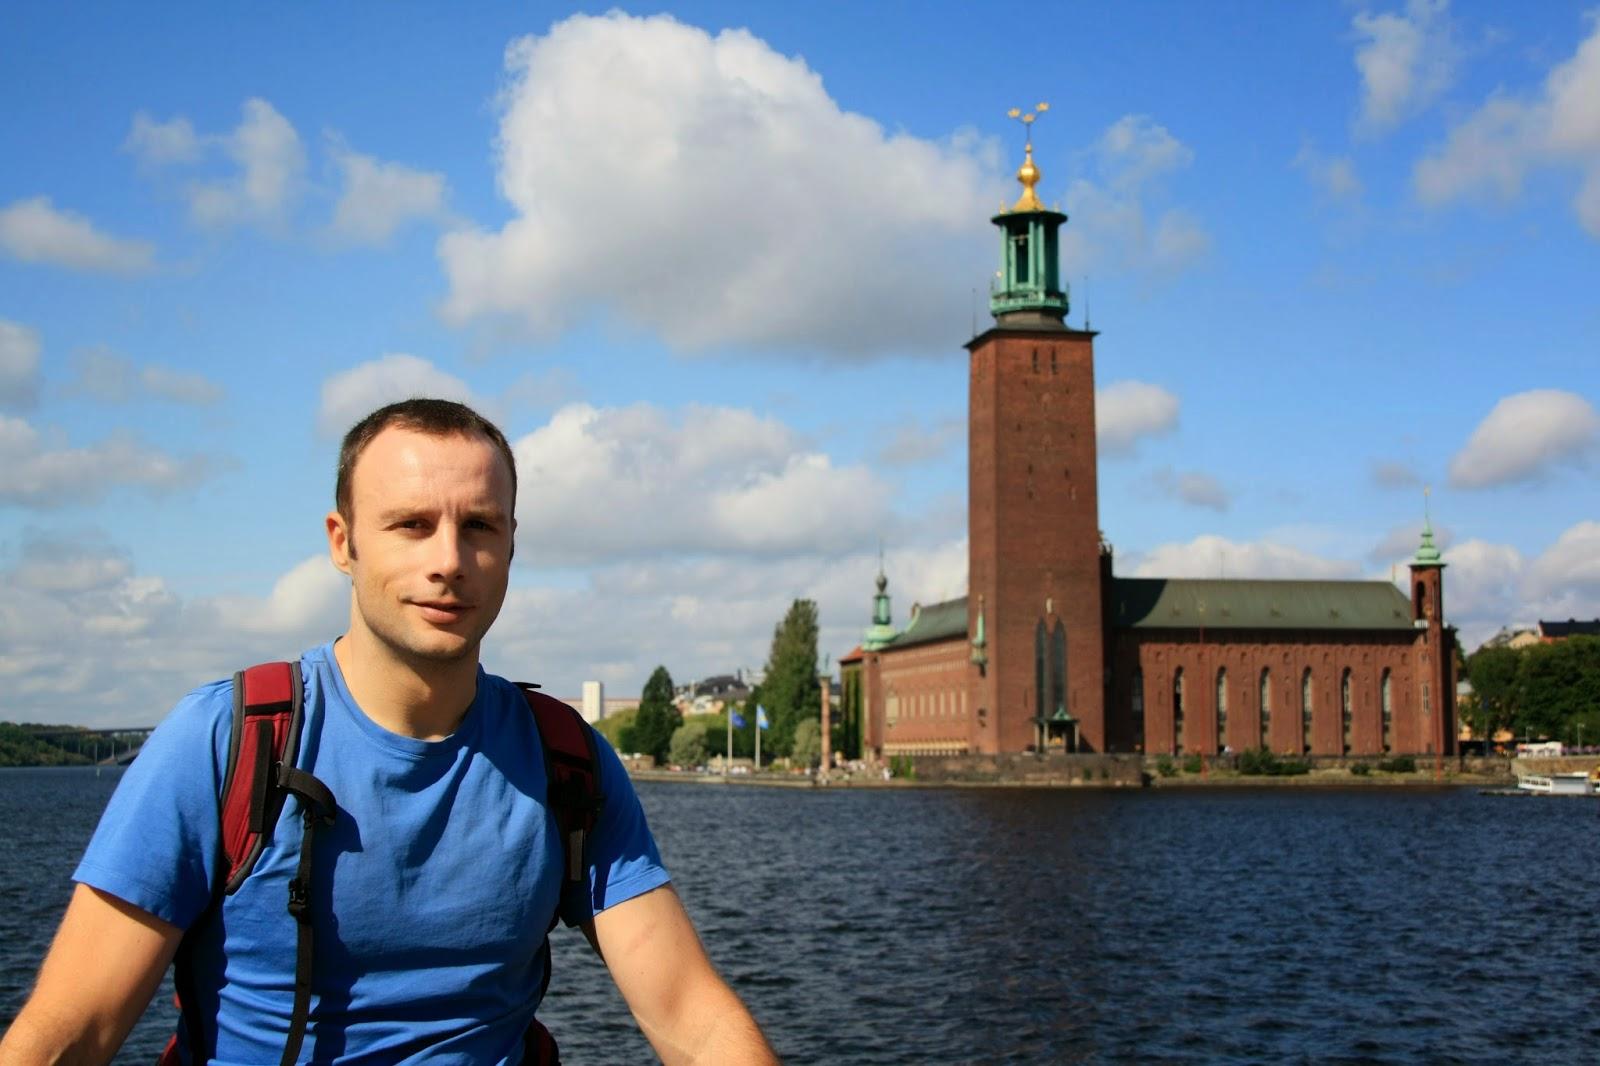 Parlamento sueco junto al río, Estocolmo.